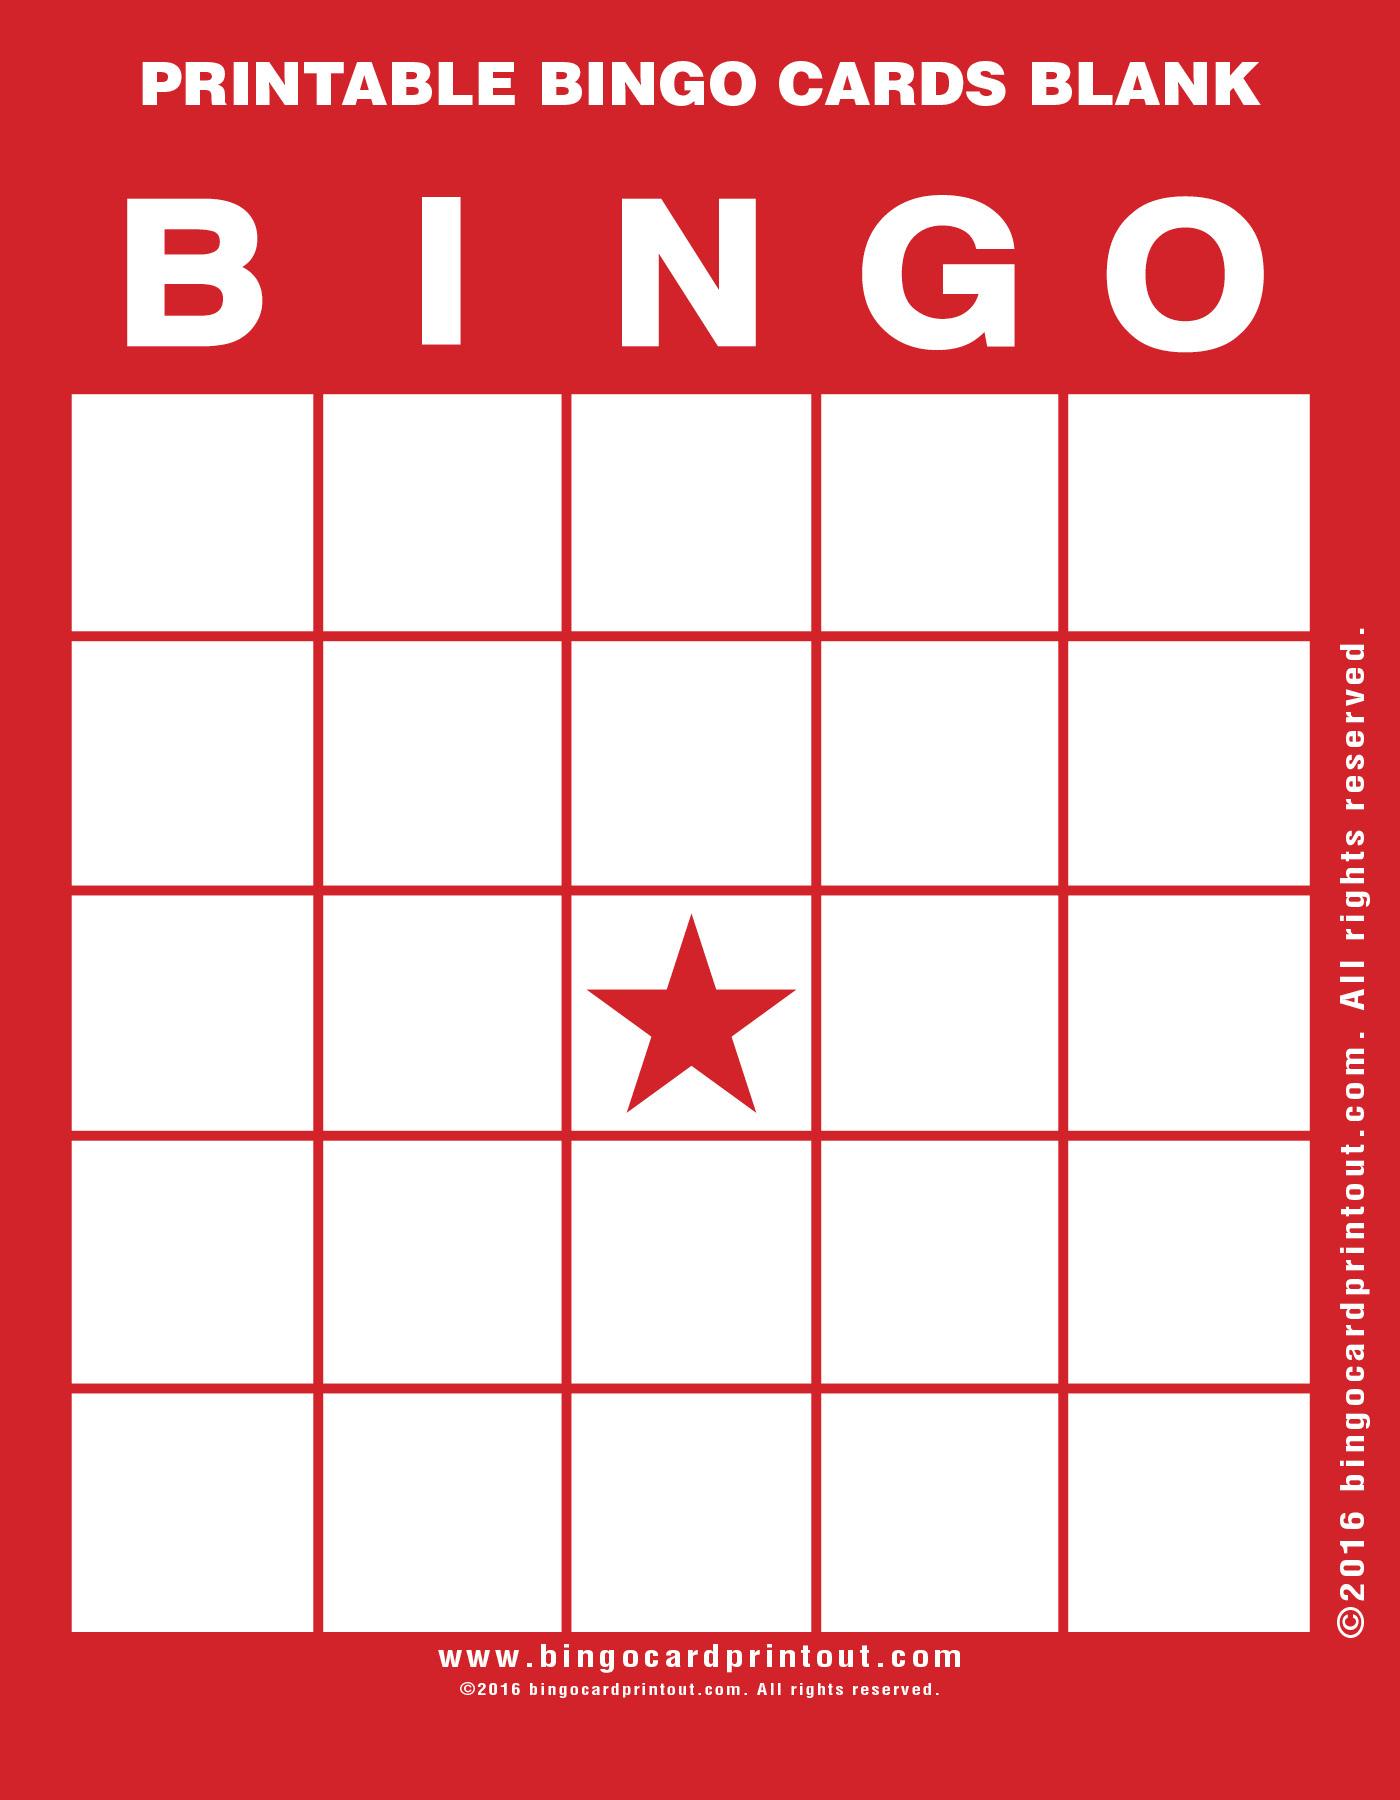 Printable Bingo Cards Blank - Bingocardprintout